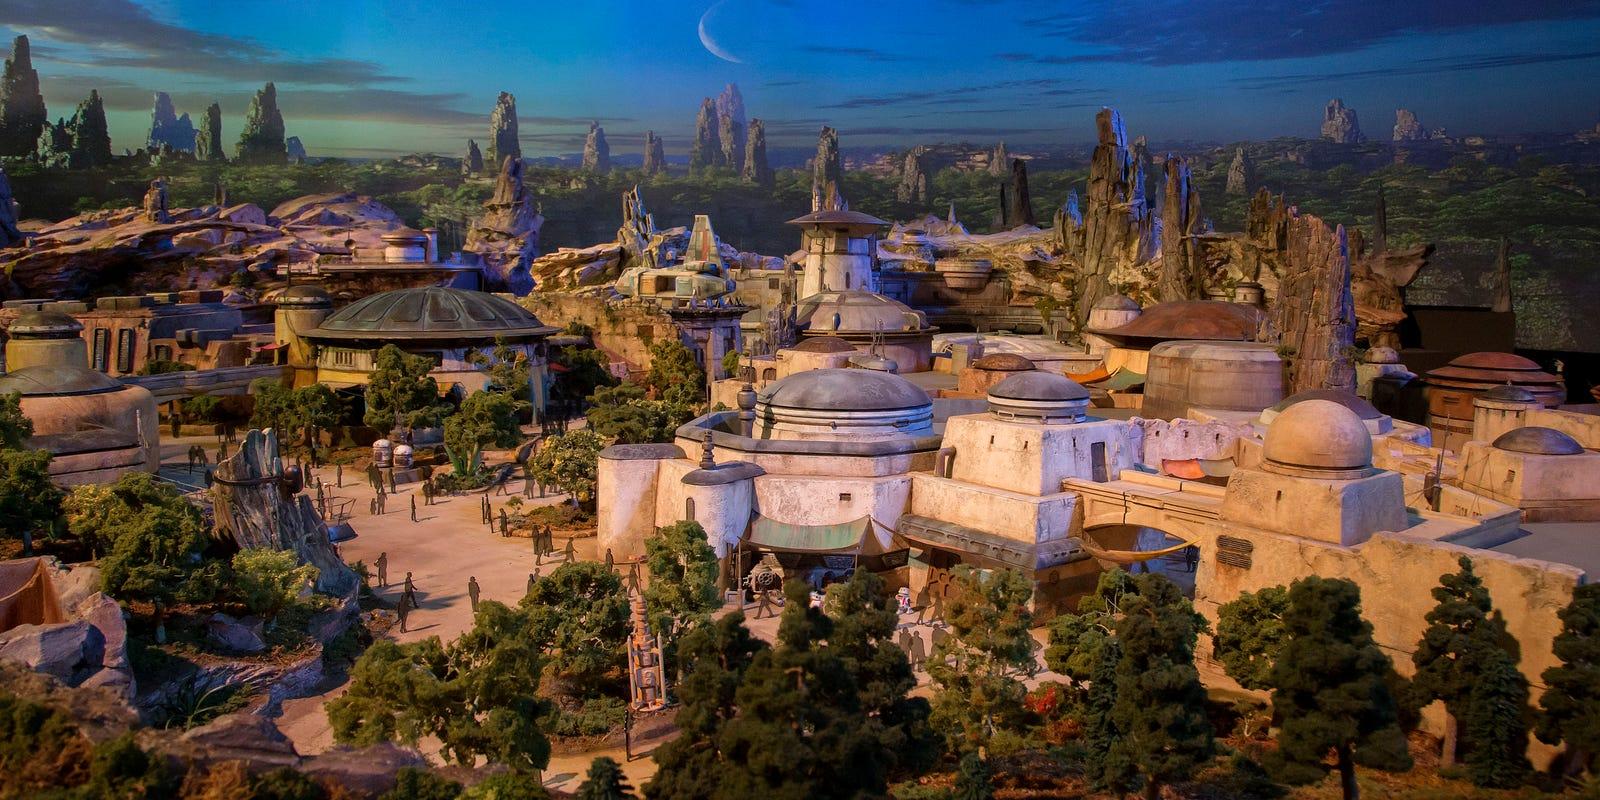 Star Wars land to open in Disneyland in summer 2019, then